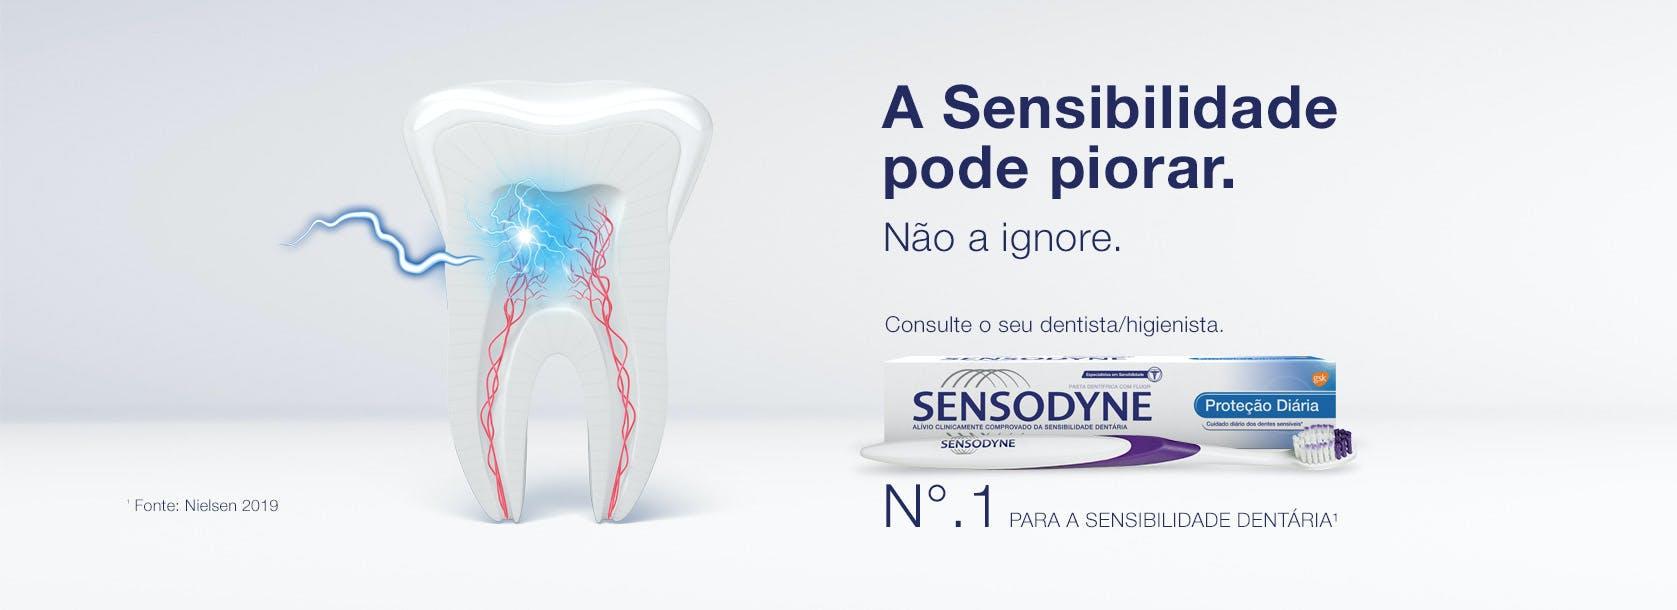 About Sensodyne